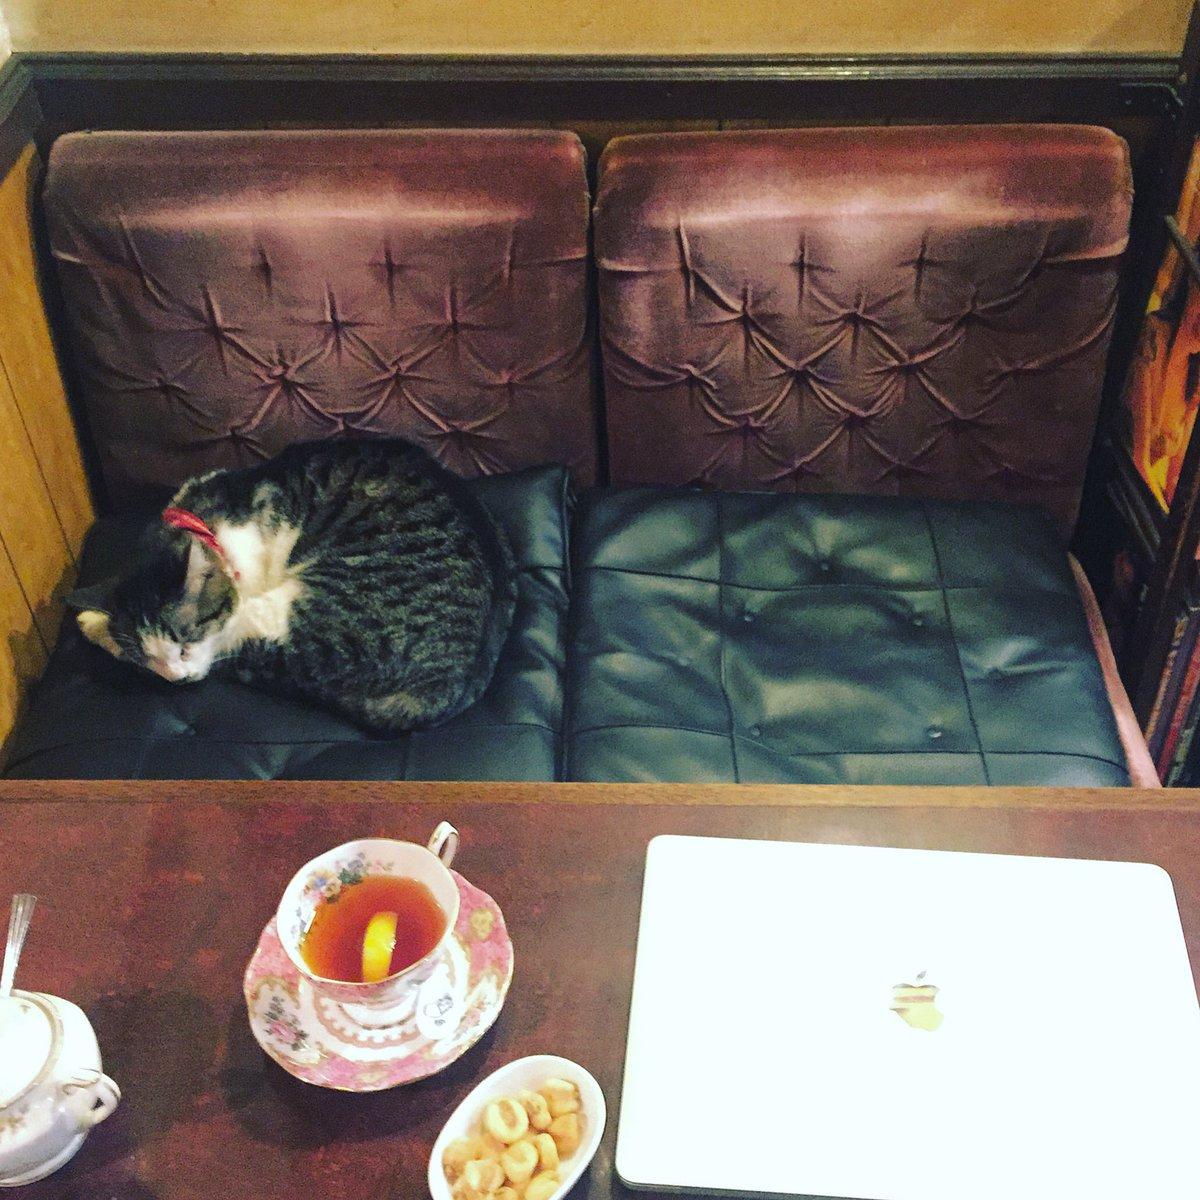 「すみません、相席でも良いですか」って店員さんに案内された席がこれ。このあとむちゃくちゃ課金(飲み物…